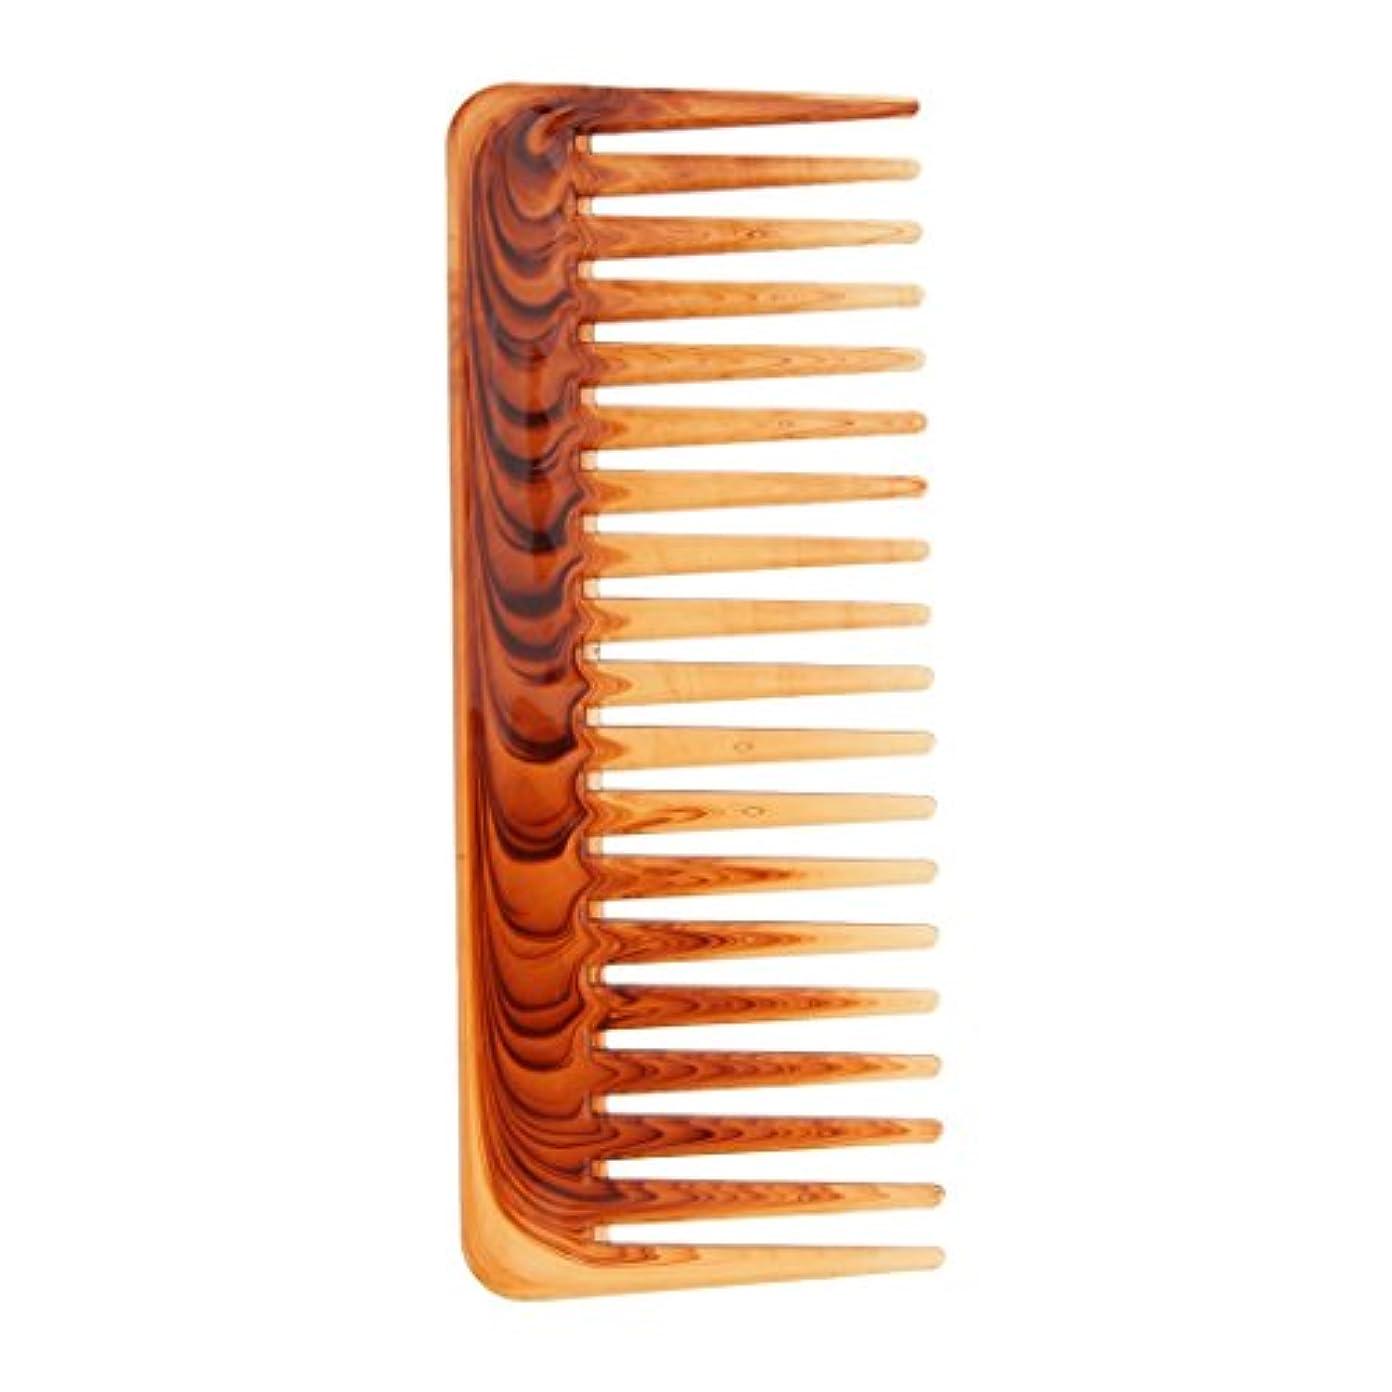 時間スチュワード人気のToygogo 髪の毛のもつれを解くヘアコンディショニング熊手櫛広い歯ヘアブラシツール